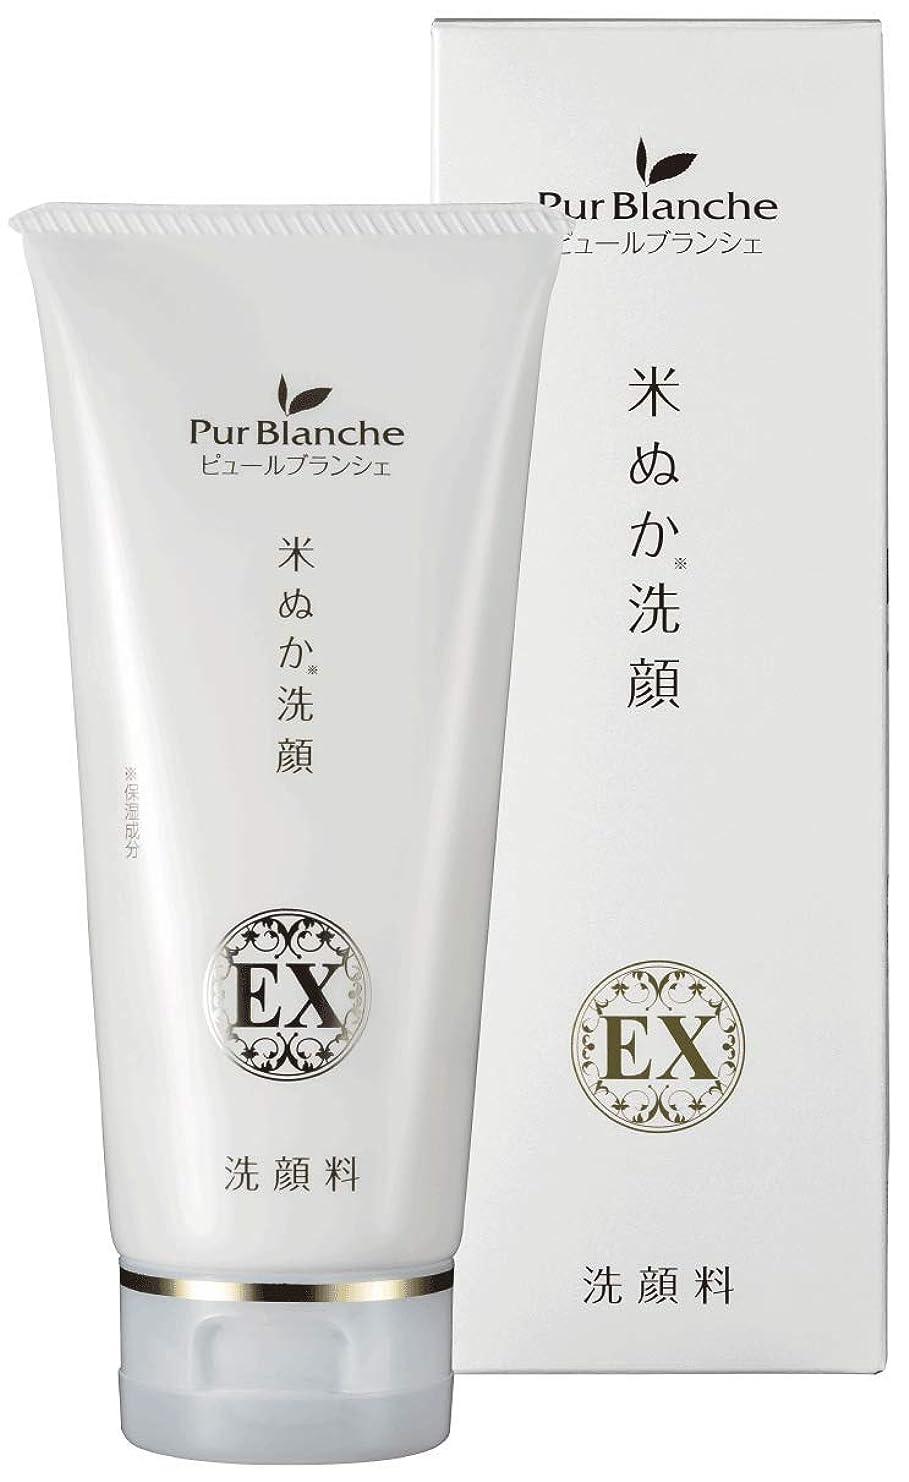 インディカミケランジェロさらにピュールブランシェ 米ぬか洗顔EX 100g (山形県のブランド米「つや姫」の米ぬかを使用)